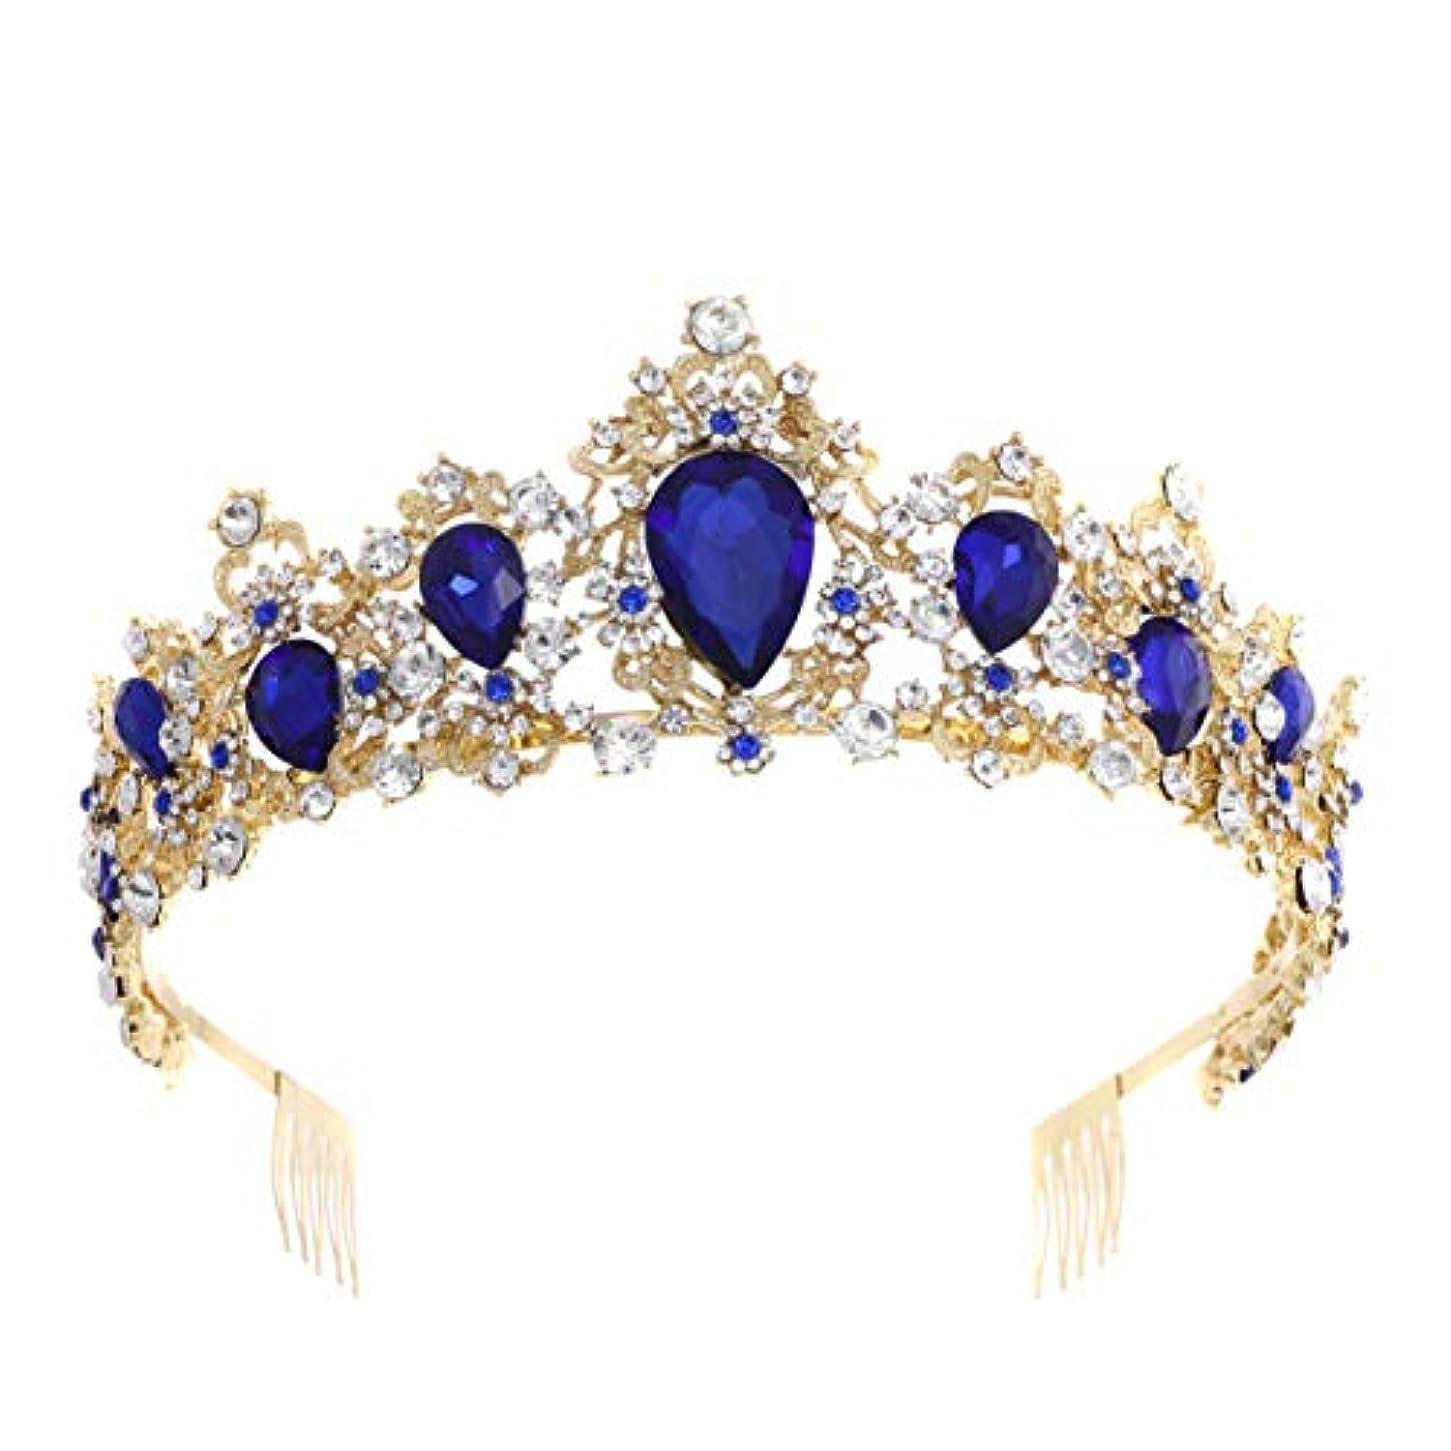 征服する専門化する急襲Lurrose クラウンquinceaneraラインストーンウェディングプリンセスブライダルダイヤモンドクリスタル用女性パーティーヘッドバンドギフト(ブルー)